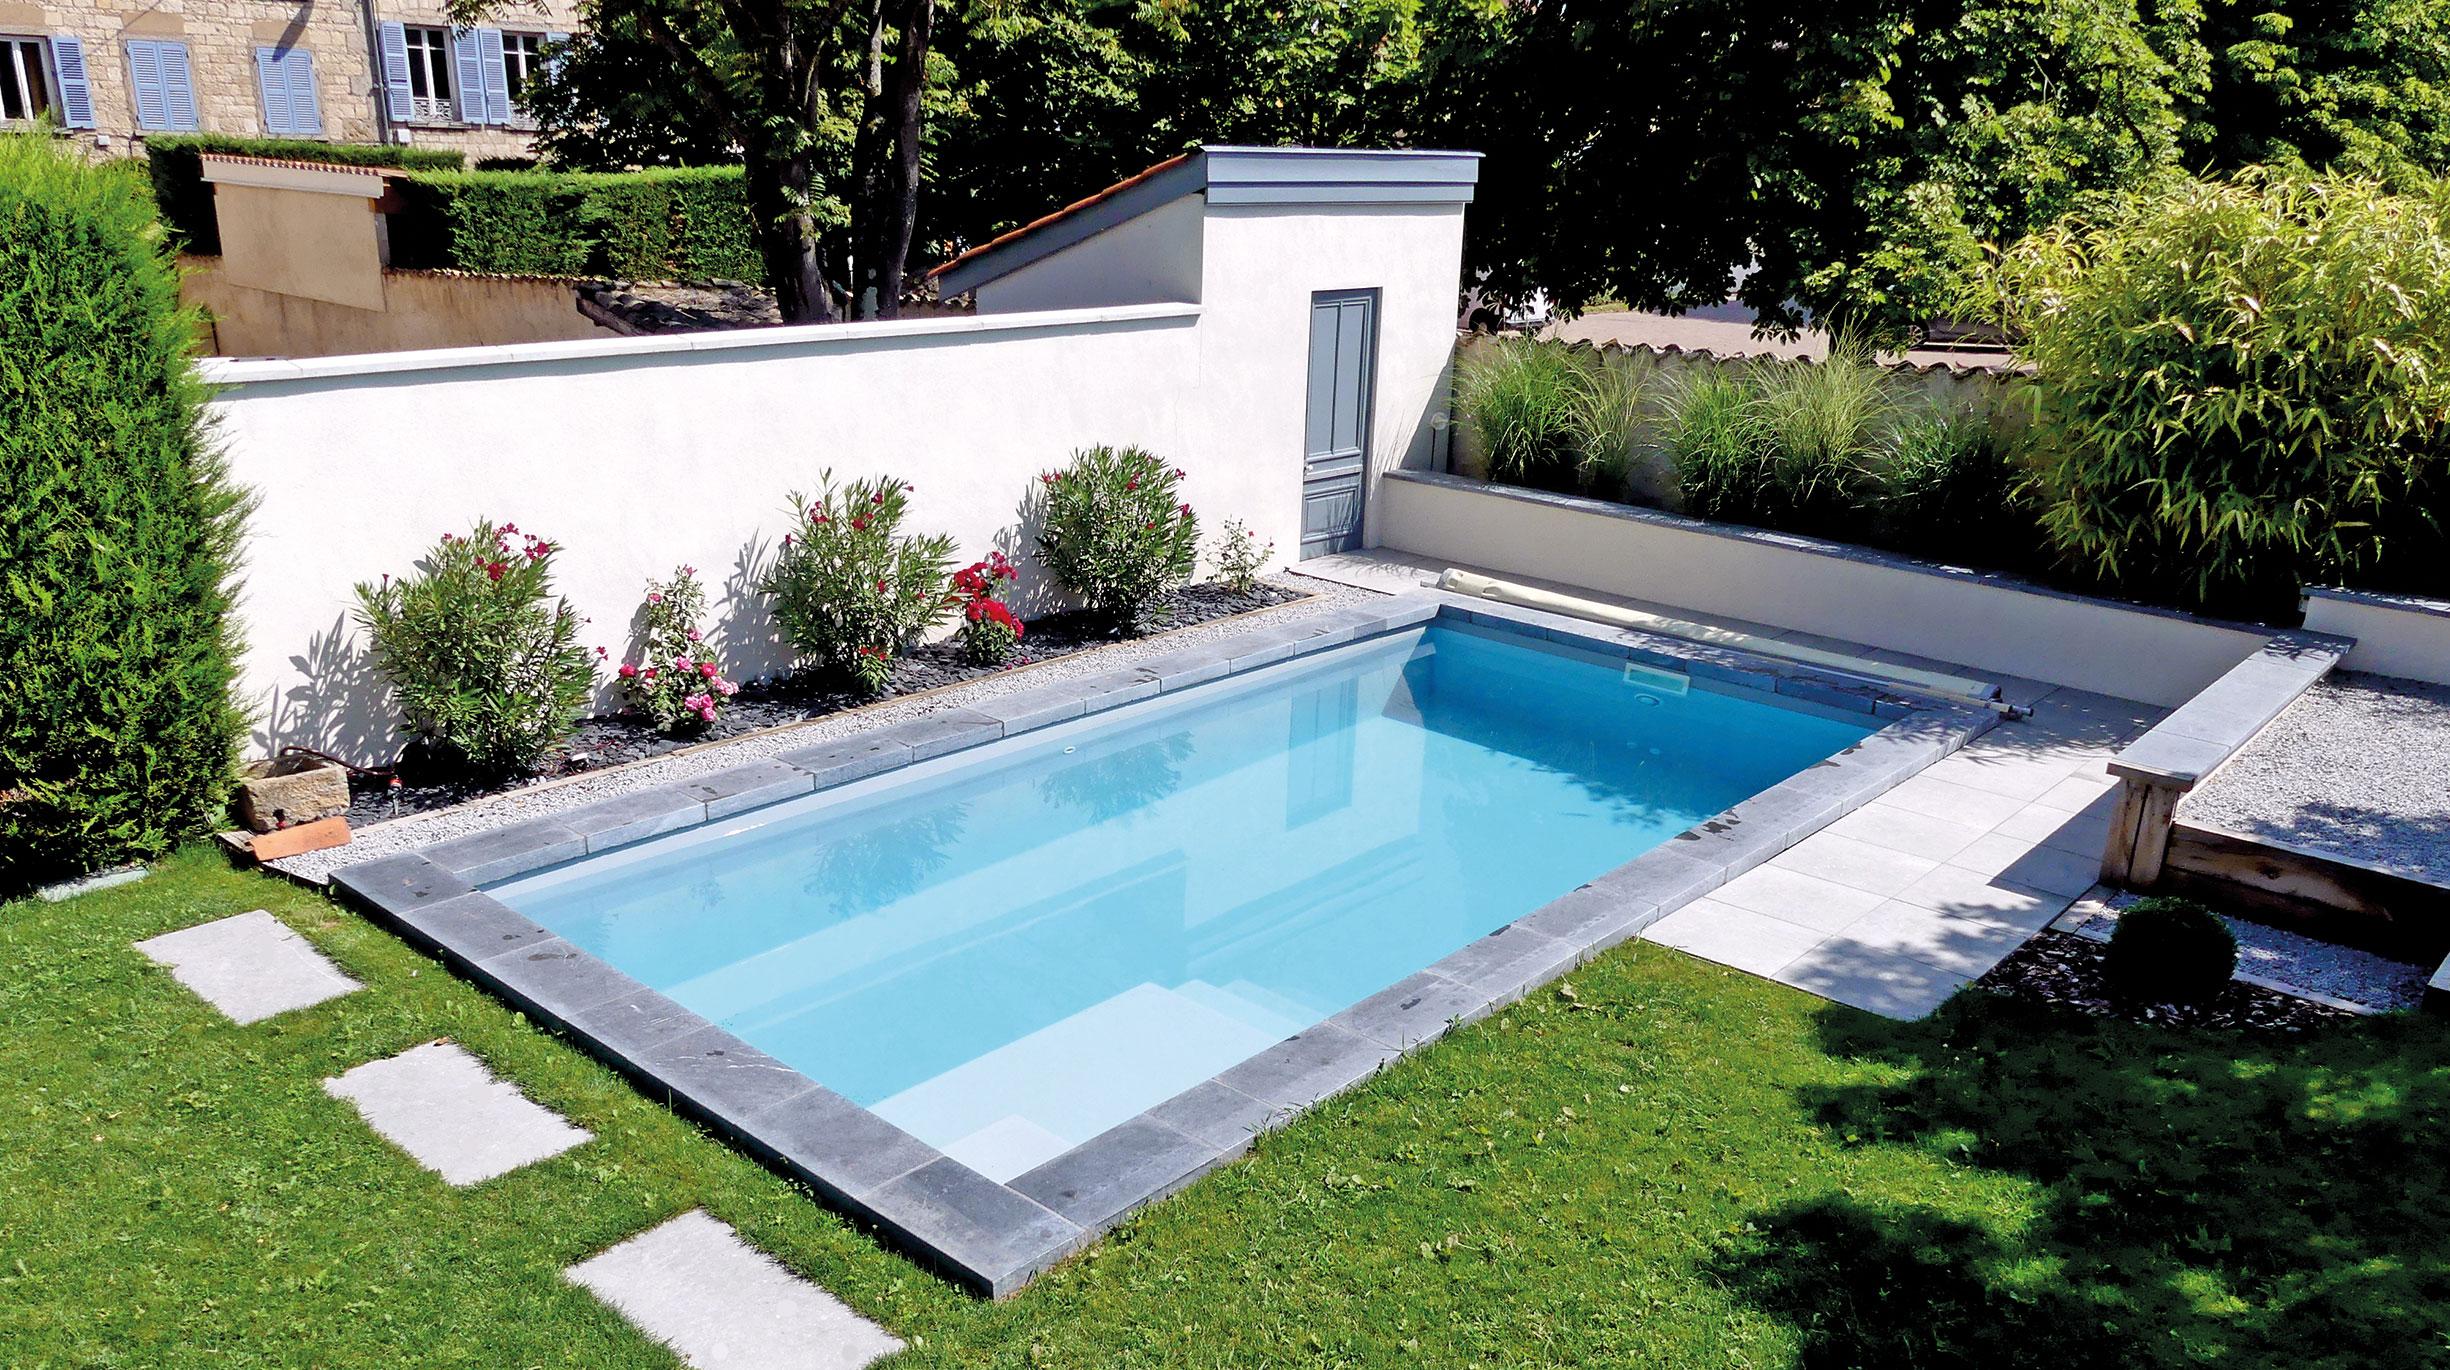 modele-callelongue-ambiance Quel système de filtration choisir pour sa piscine coque ?